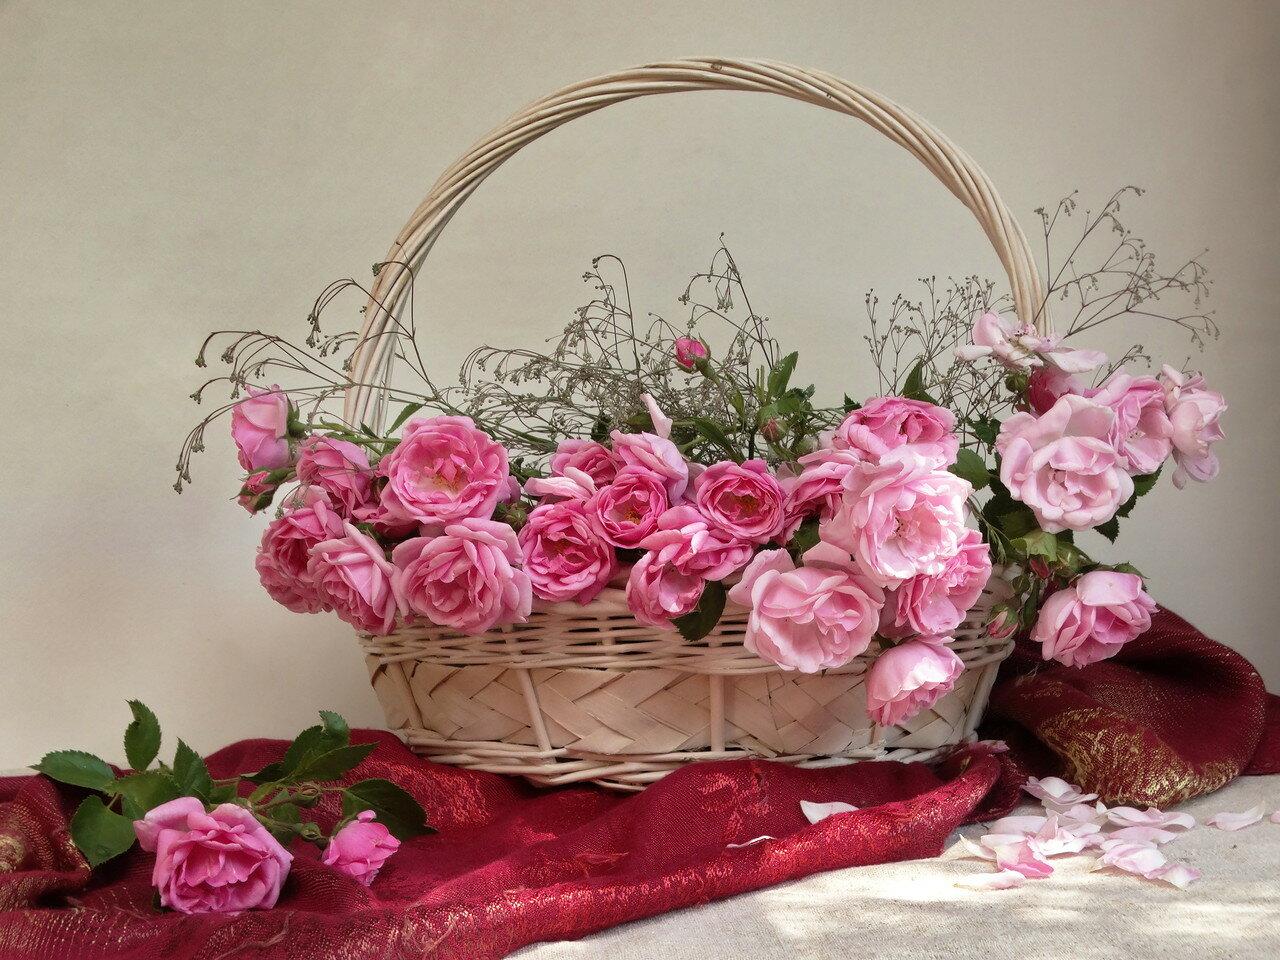 Прекрасной розы аромат вдыхаю